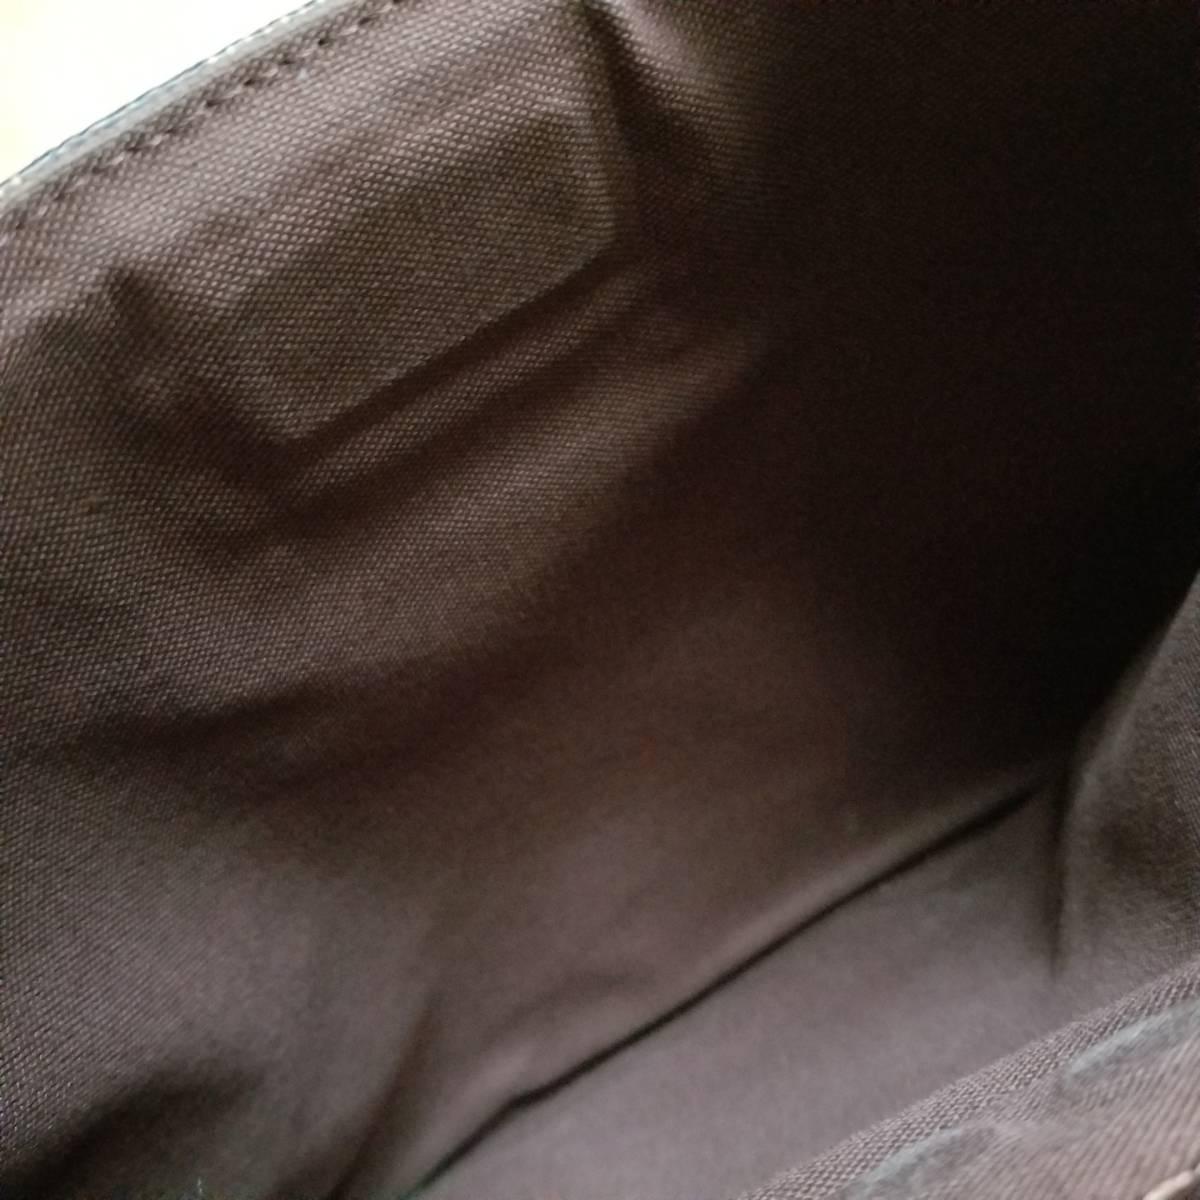 ルイヴィトン LOUIS VUITTON N41100 ダミエ ポシェット・プラット・ブルックリン ショルダーバッグ_画像4